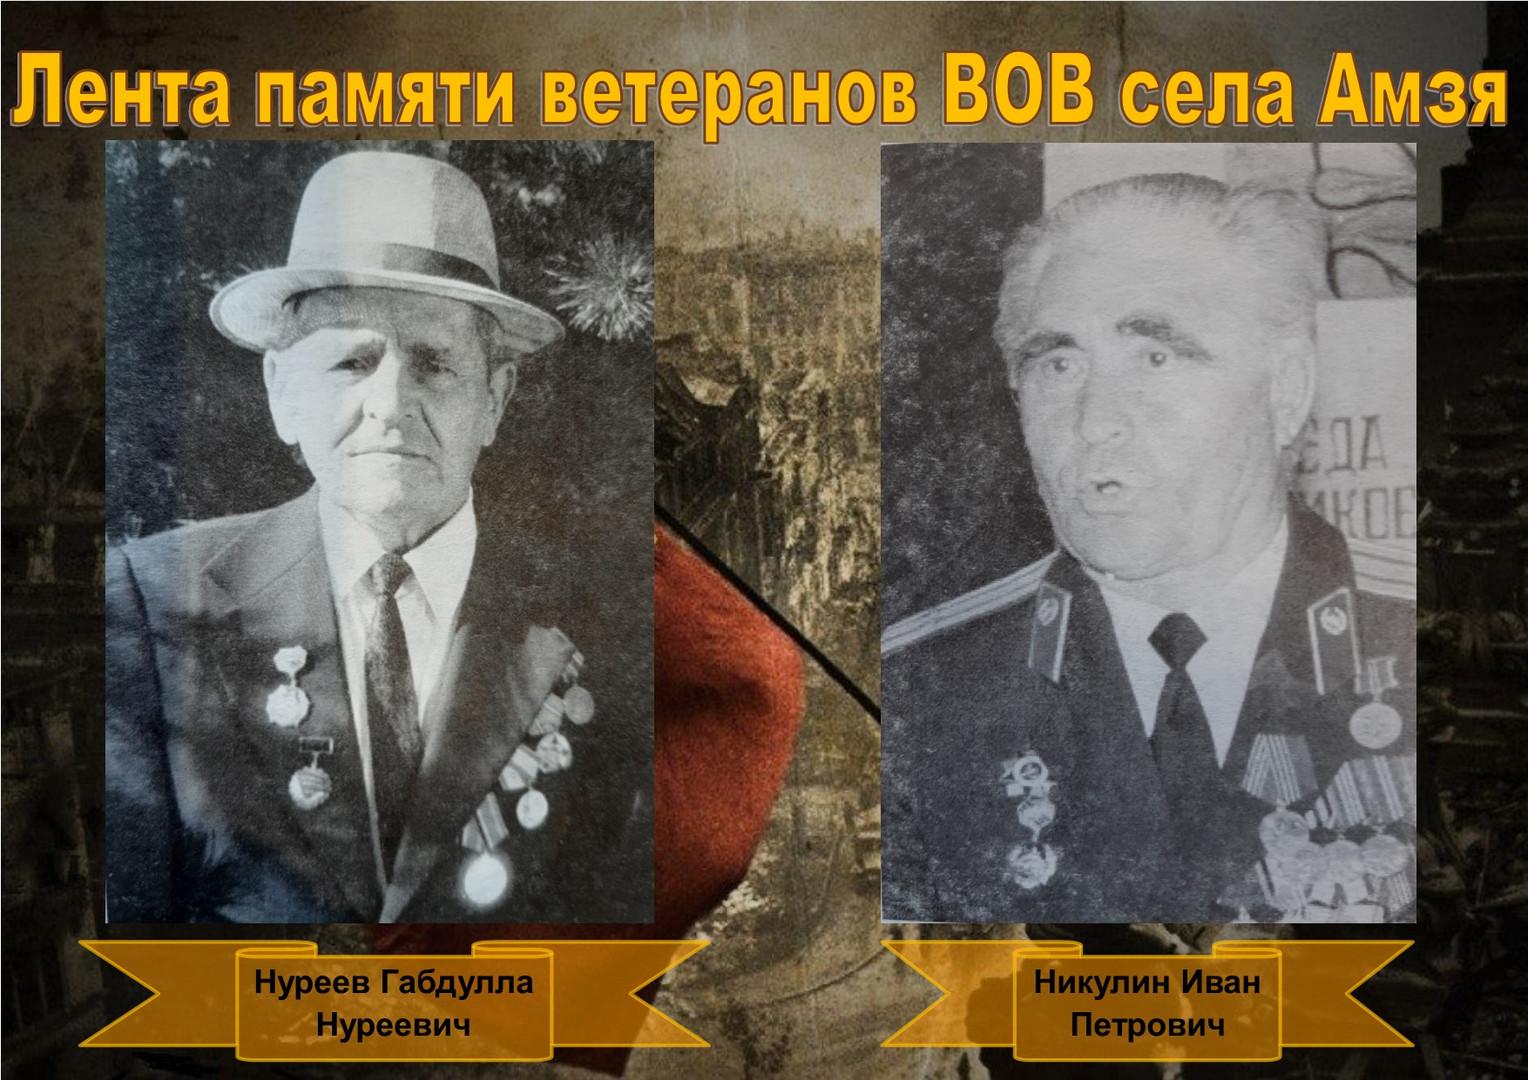 Нуреев-Никулин.jpg